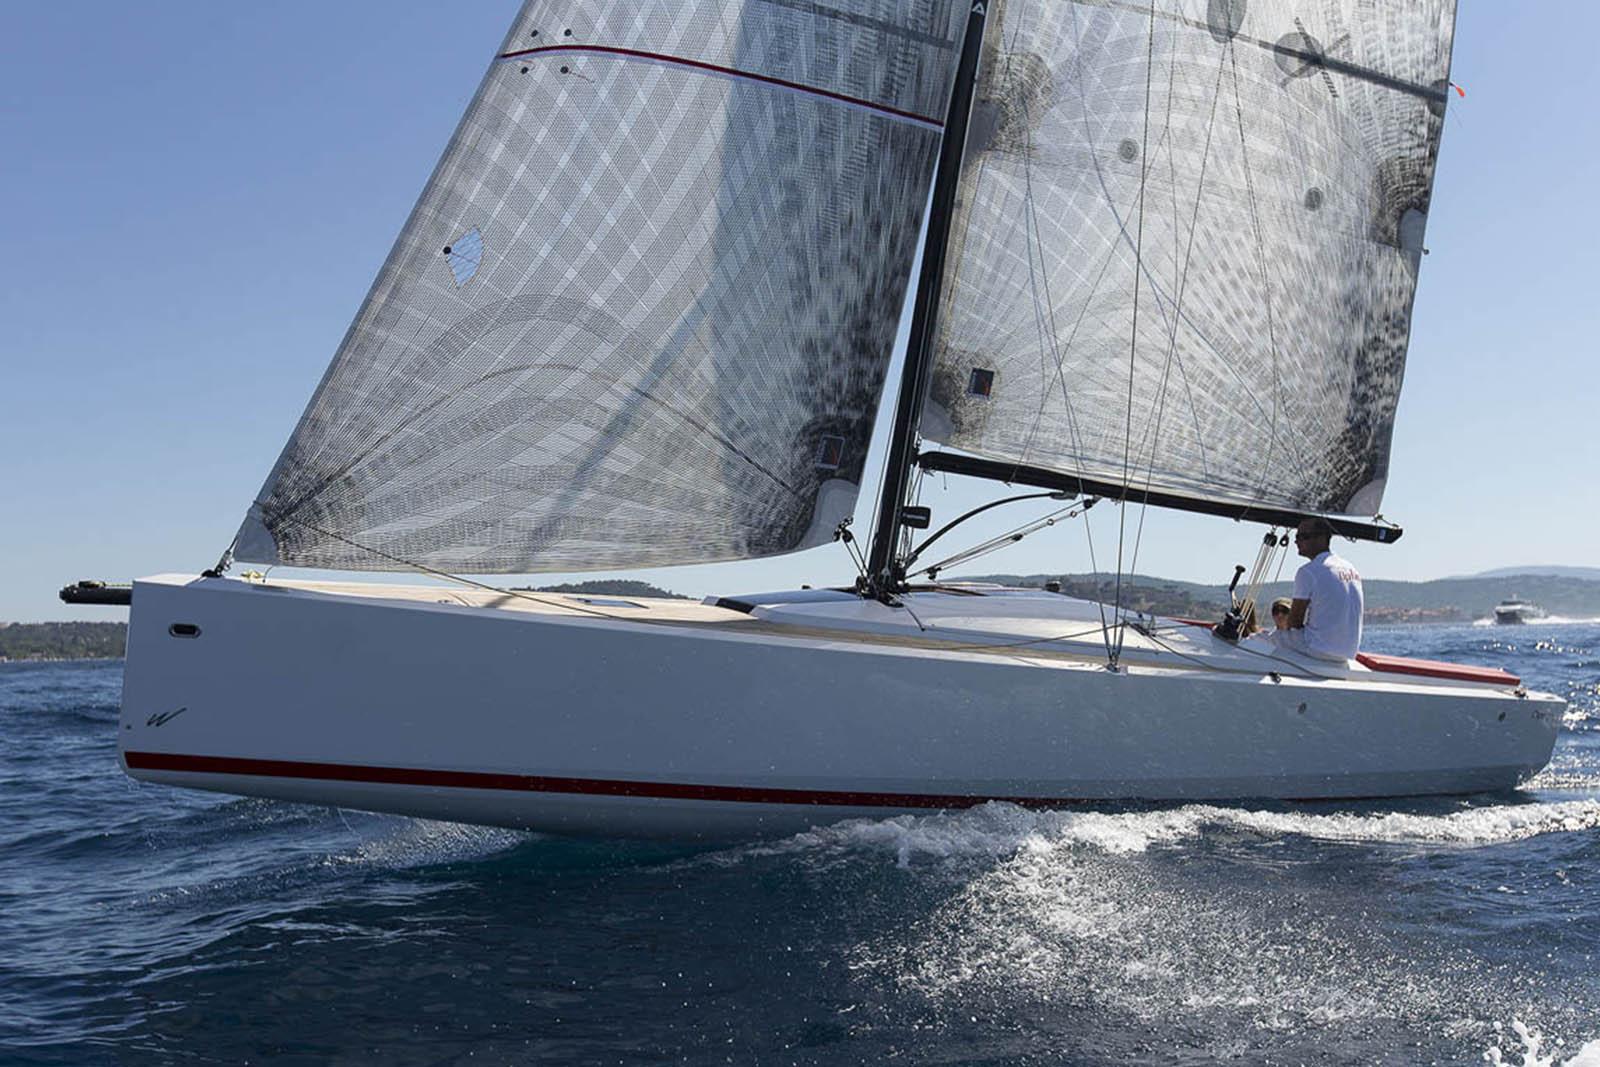 Nova-Ola-yacht-adriatic